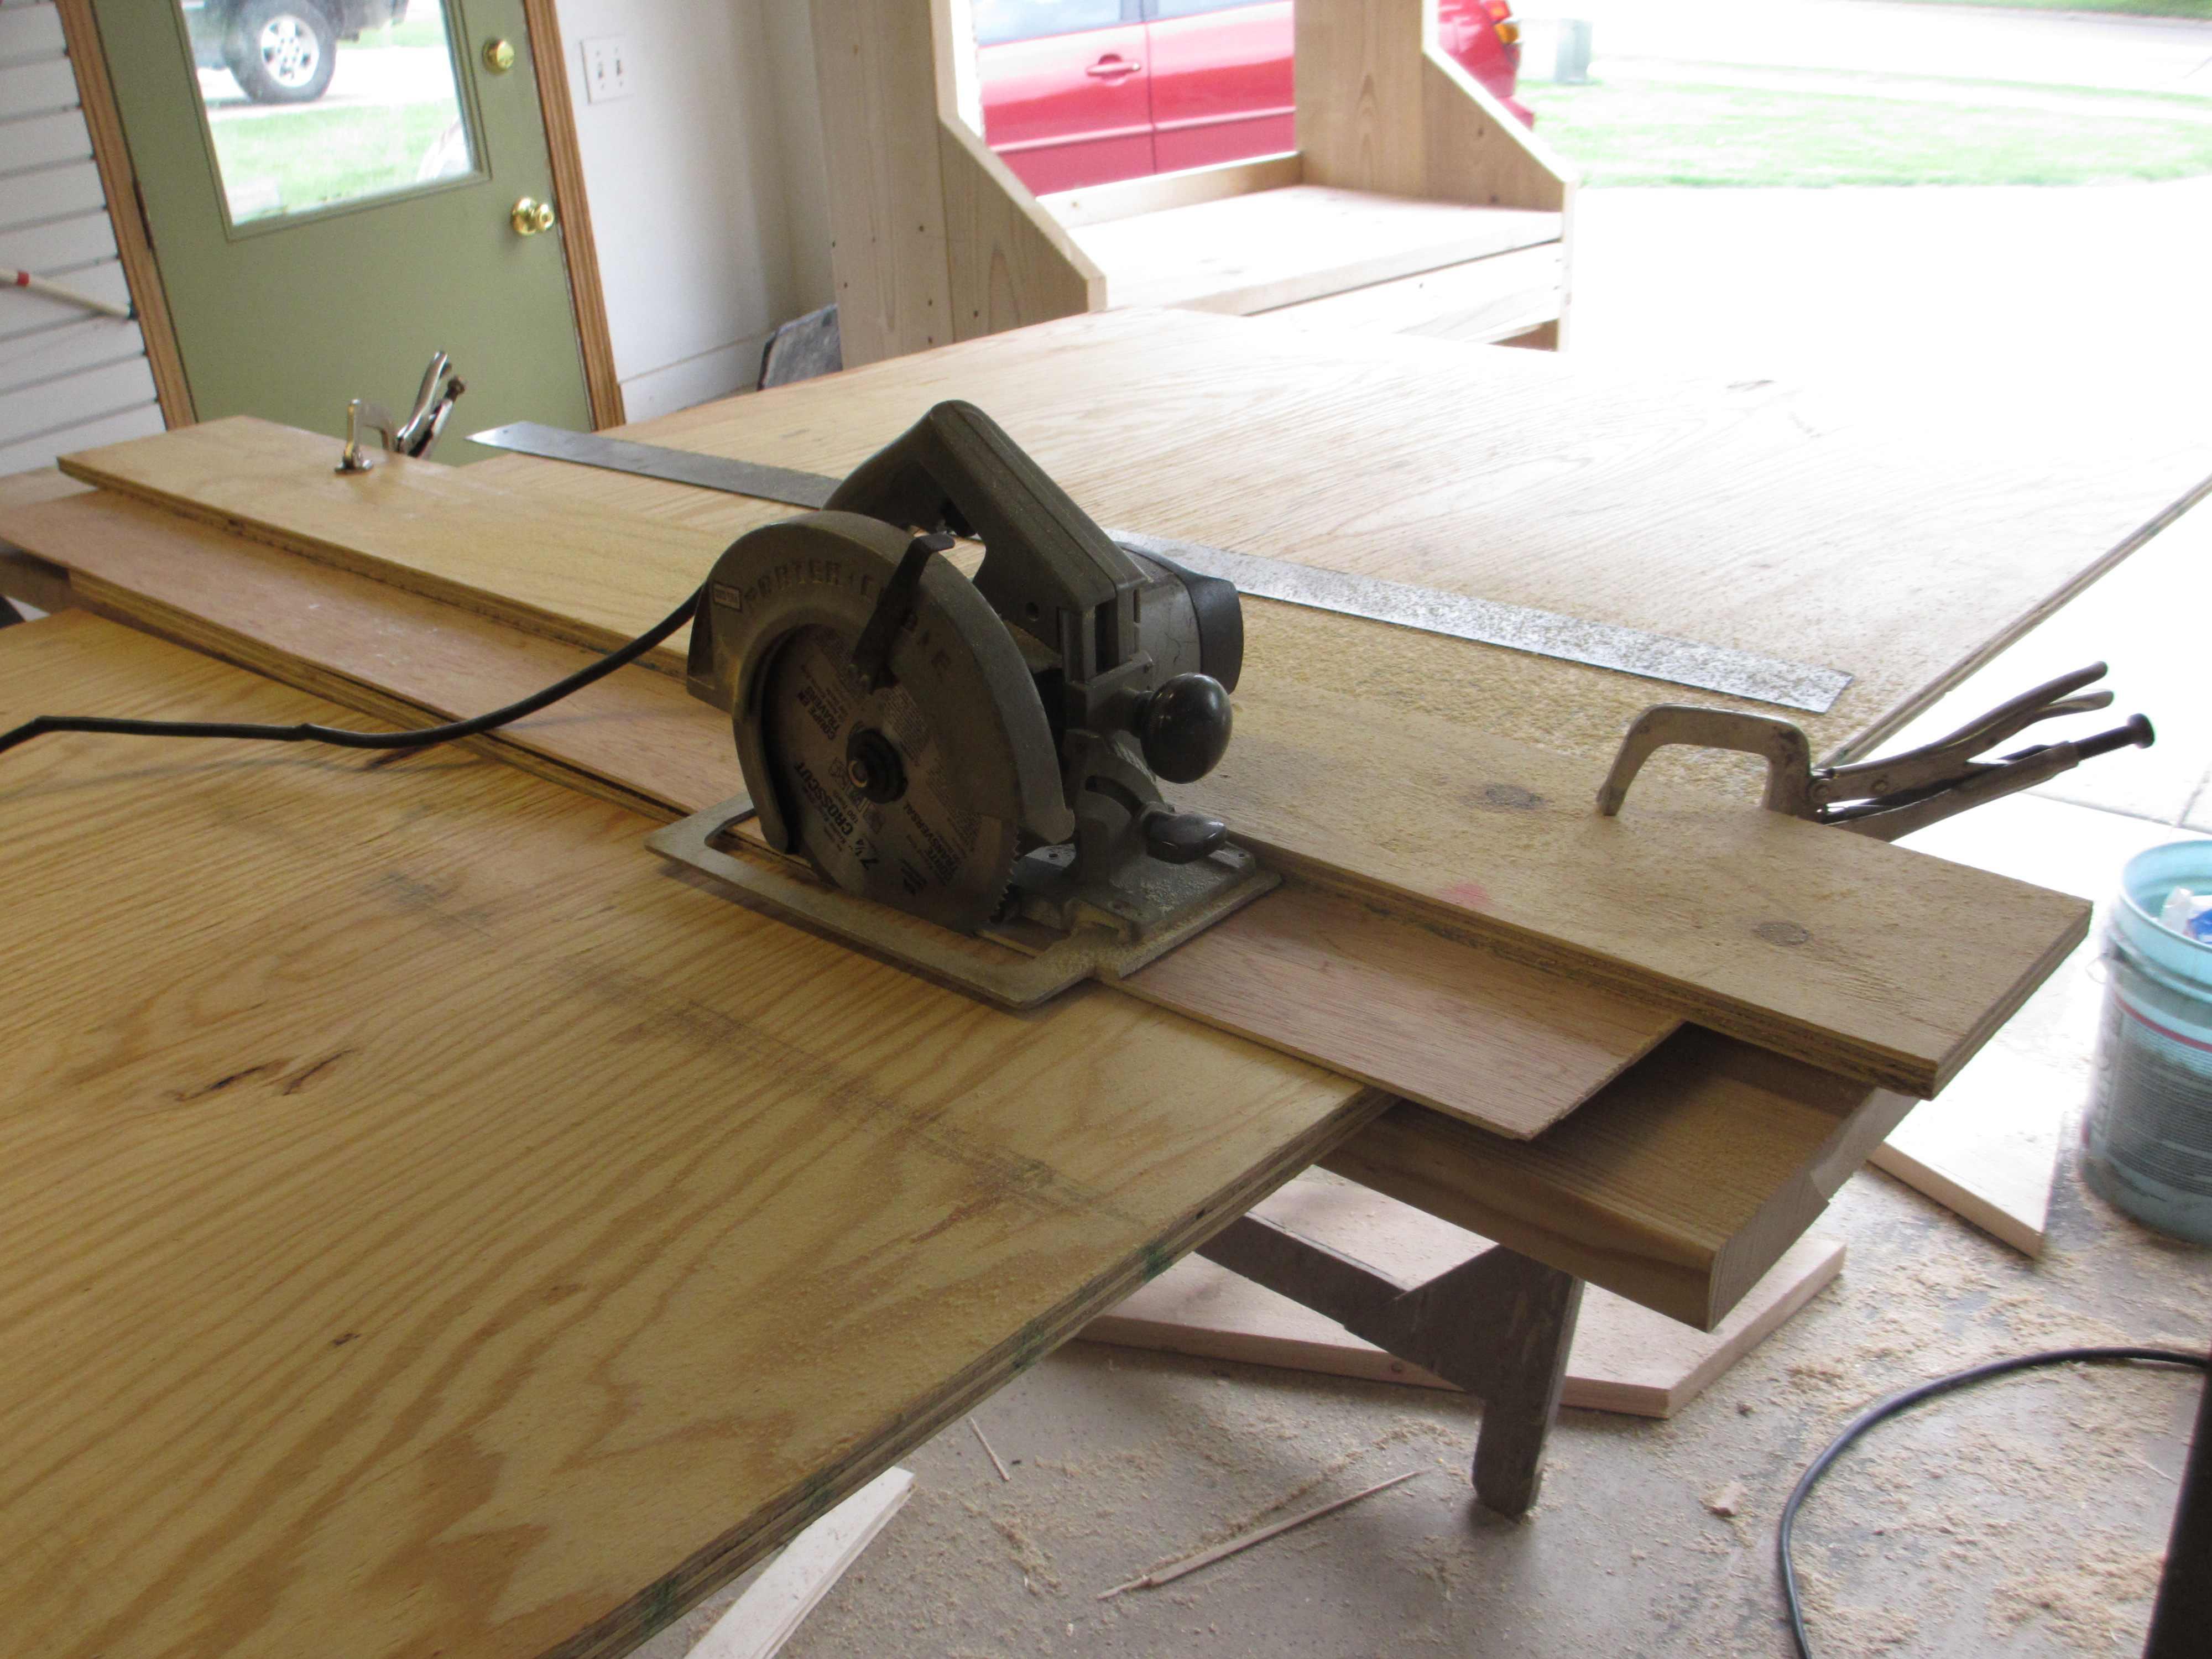 Diy cutting plywood with circular saw wooden pdf